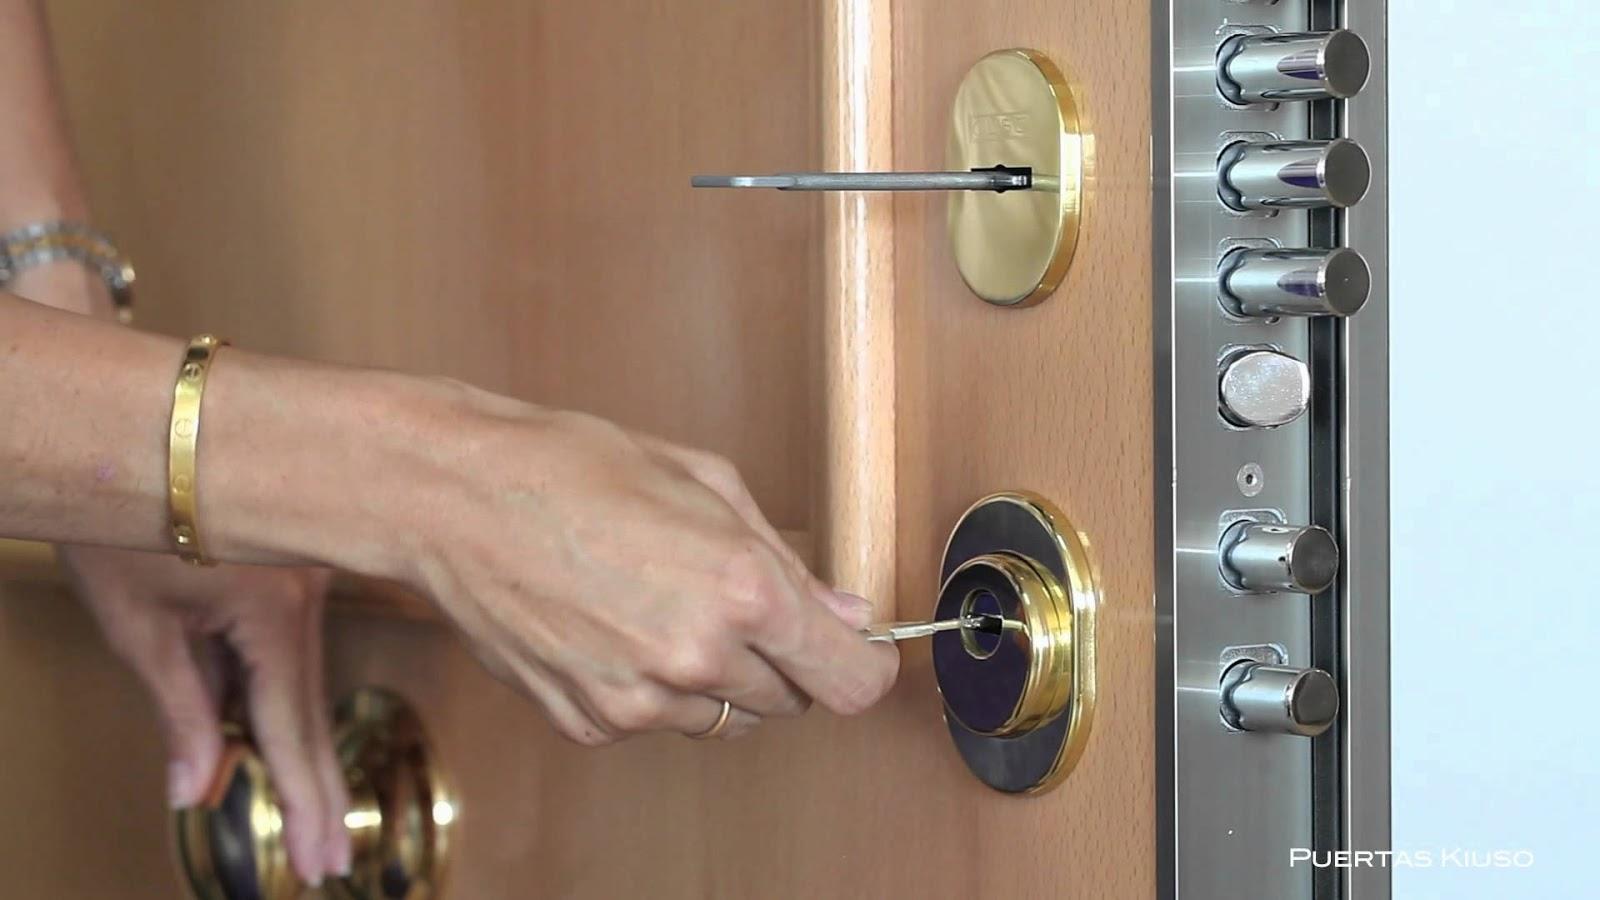 Pakaver cambio de borjas por bombillo - Cerradura seguridad puerta ...